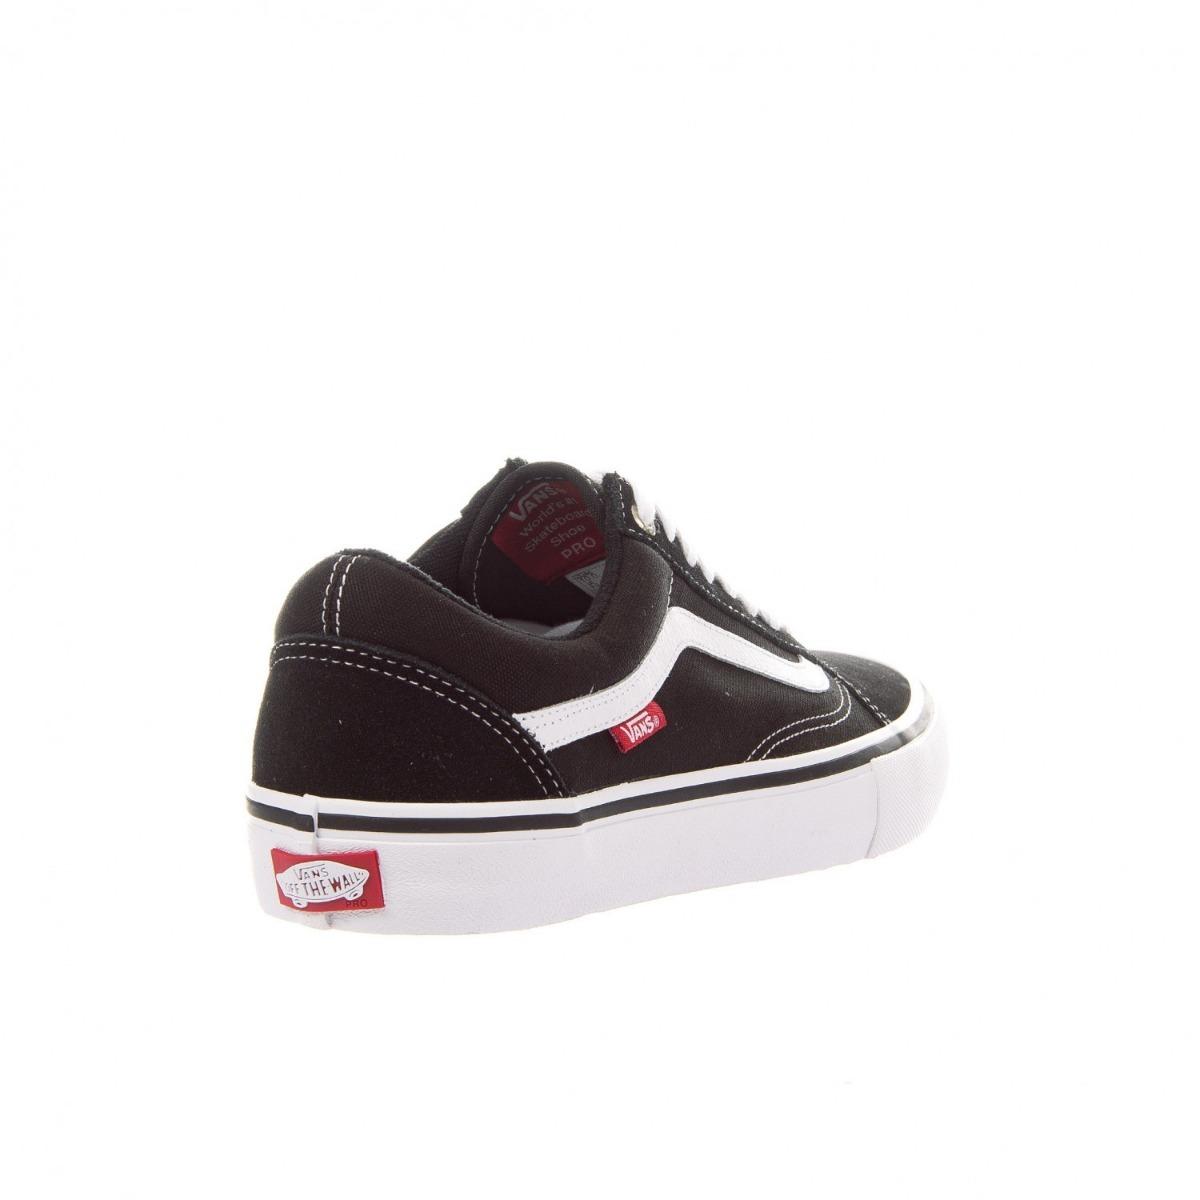 98080e4bf En Skate 650 Pro Zapatillas Vans Skool Old 00 3 Libre De Mercado An1qffwR